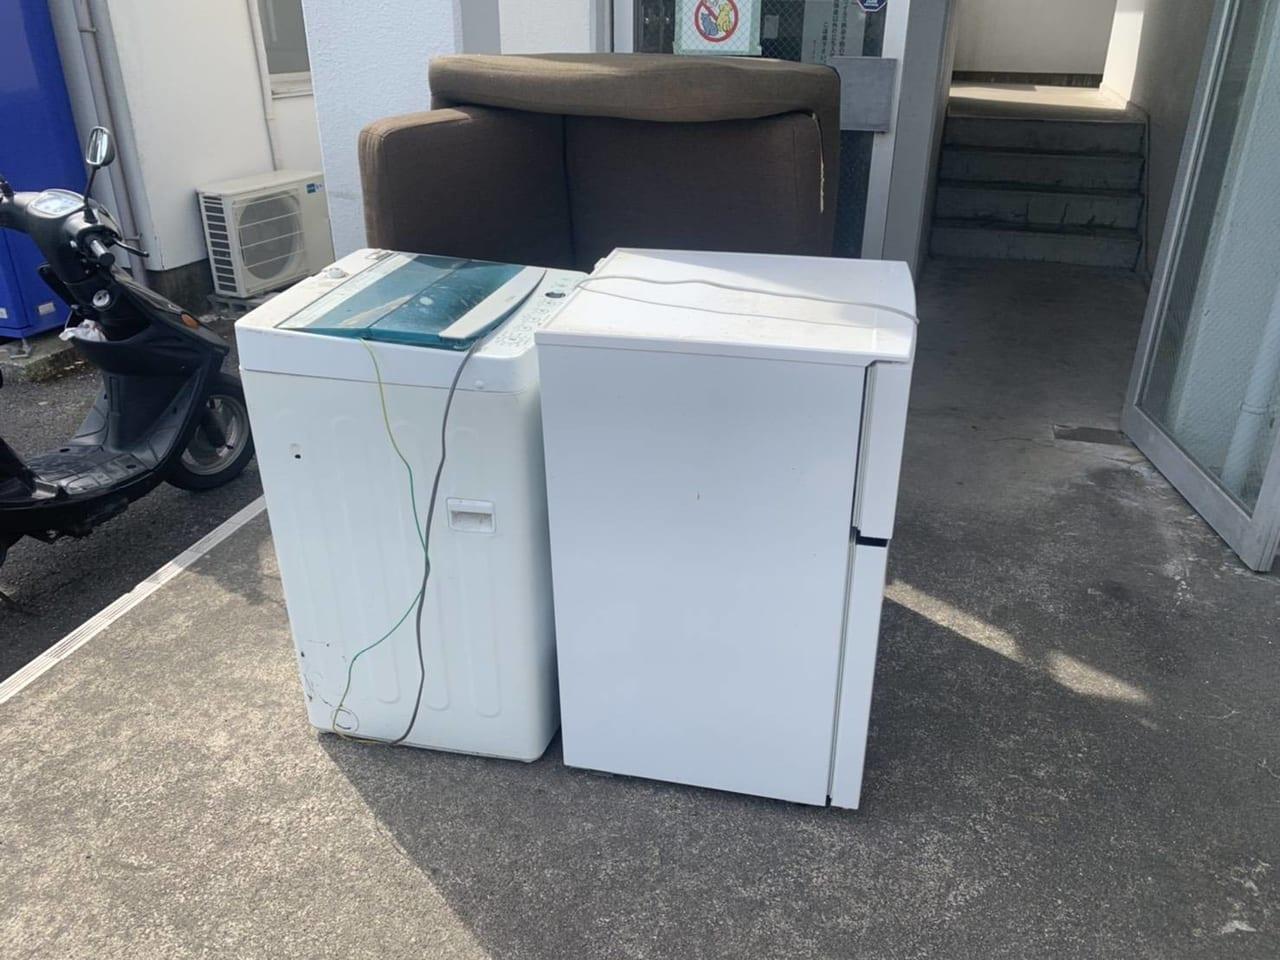 徳島県徳島市周辺のT様不用品回収前画像